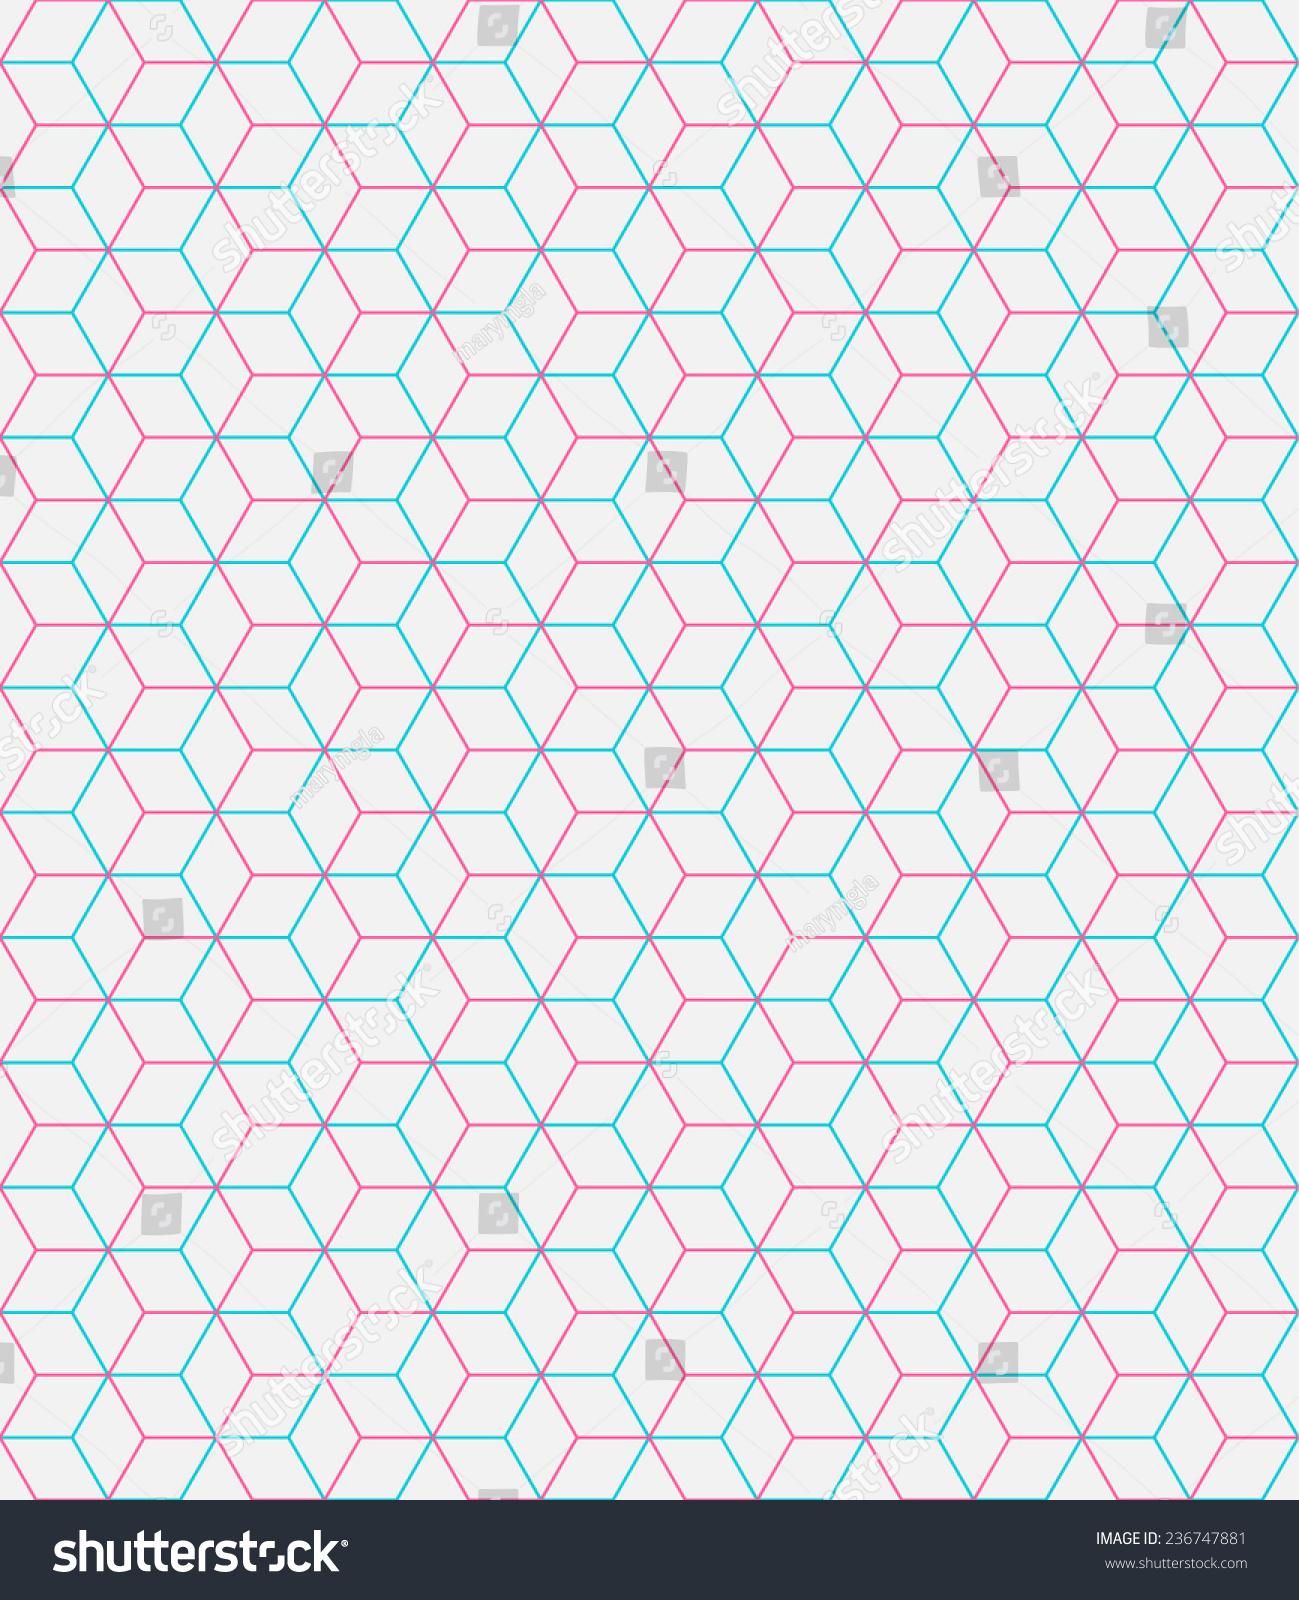 blue hexagonal pattern vector - photo #10